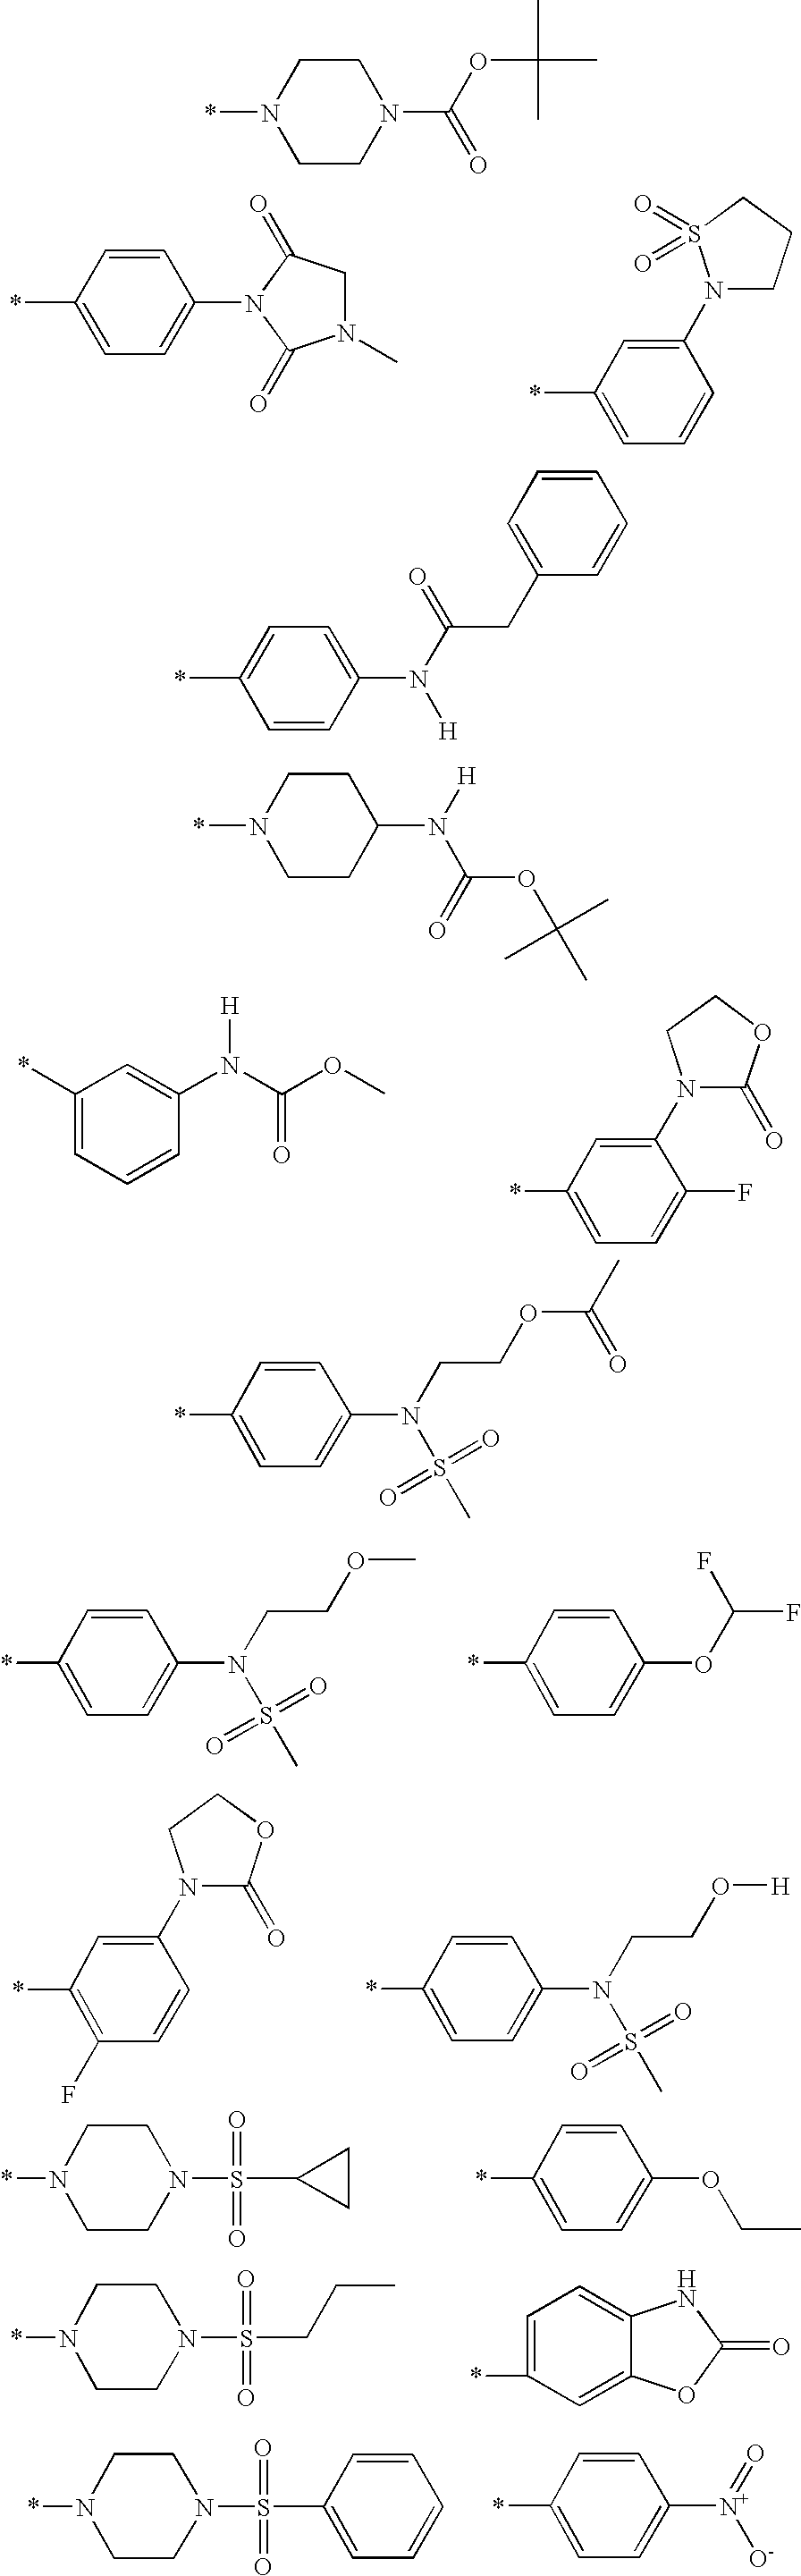 Figure US07781478-20100824-C00134